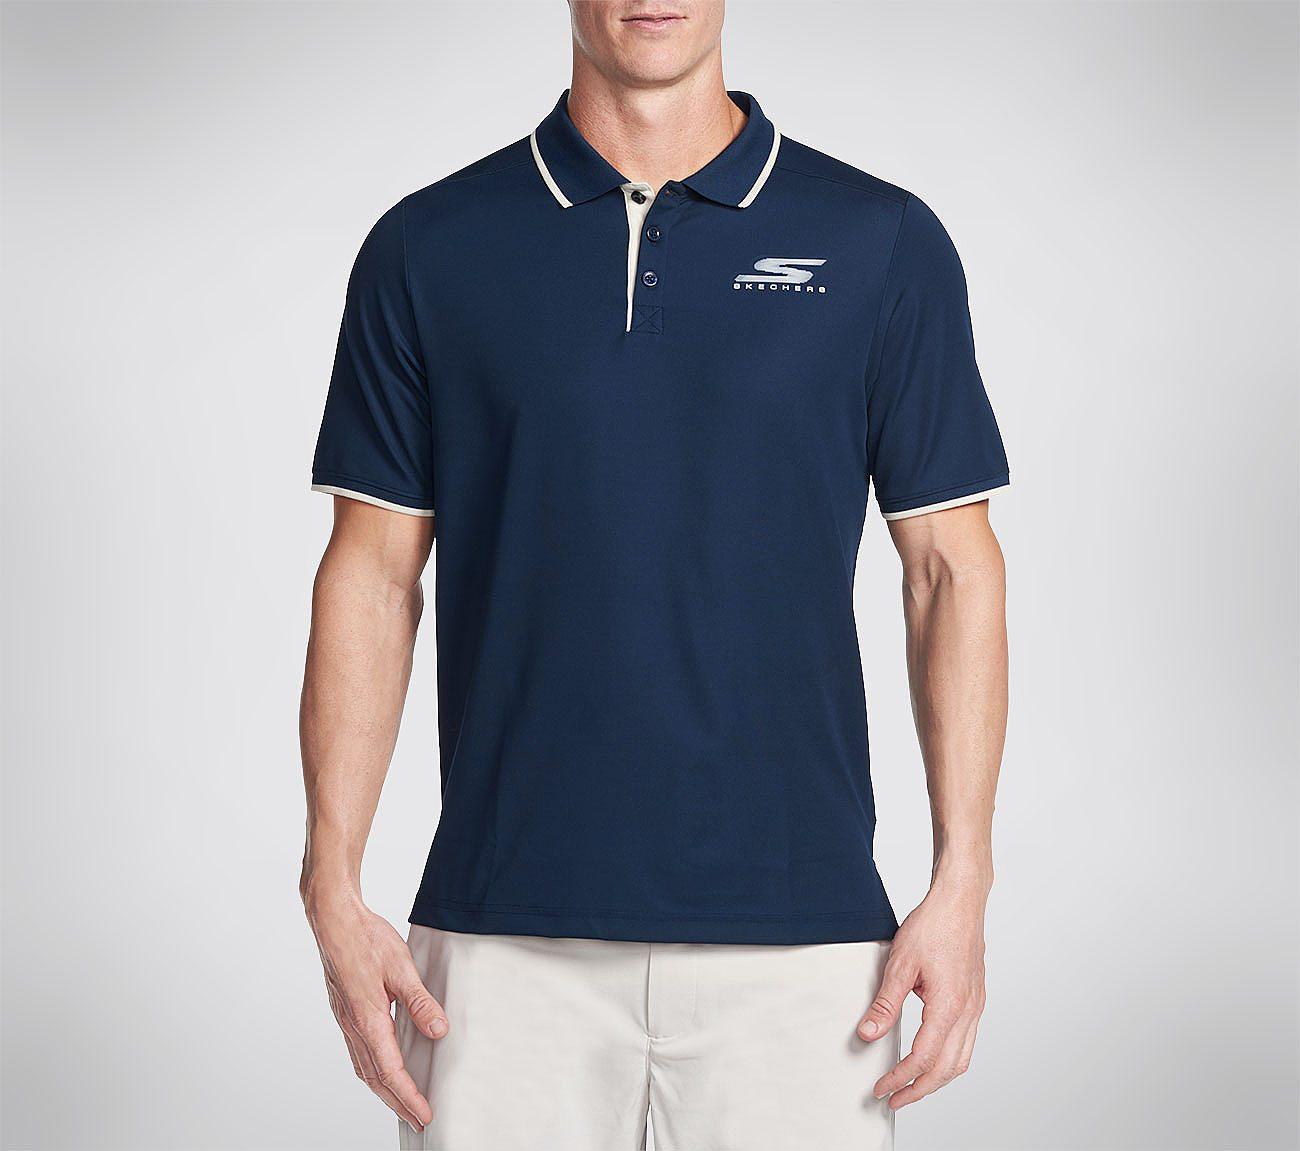 Buy Skechers Skechers Go Golf Albatross Polo Shirt Skechers Go Golf